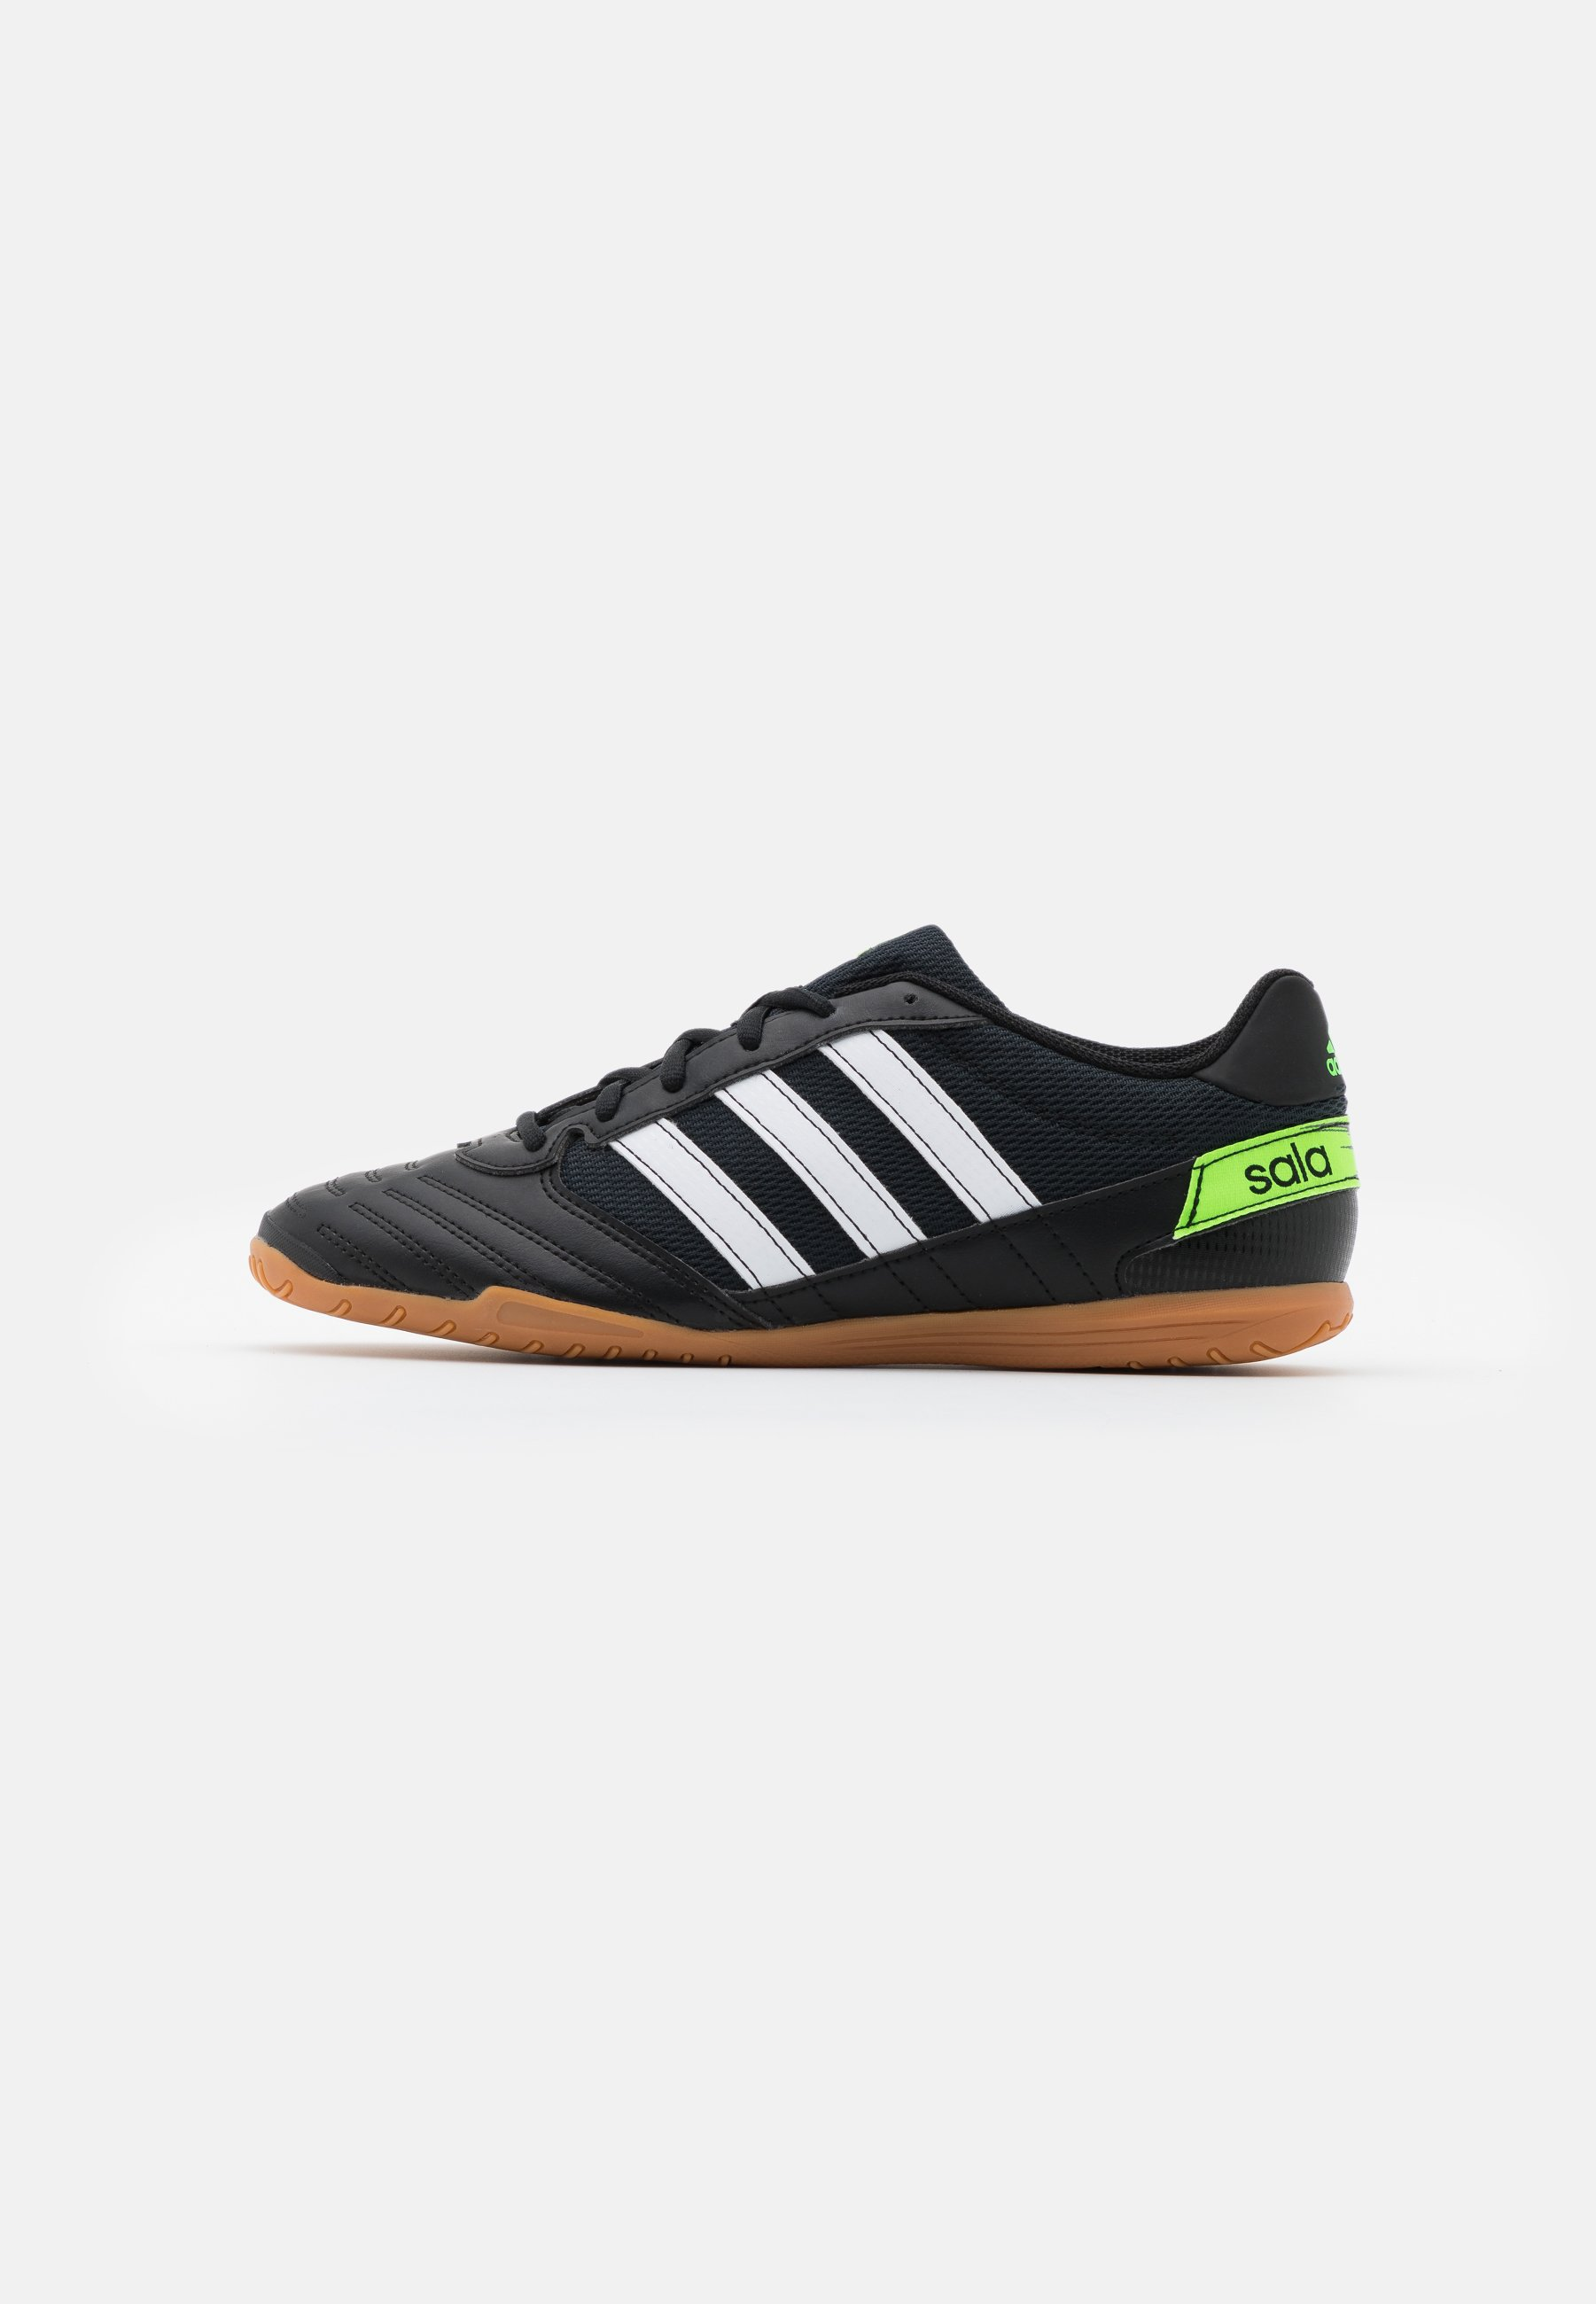 Homme SUPER SALA - Chaussures de foot en salle